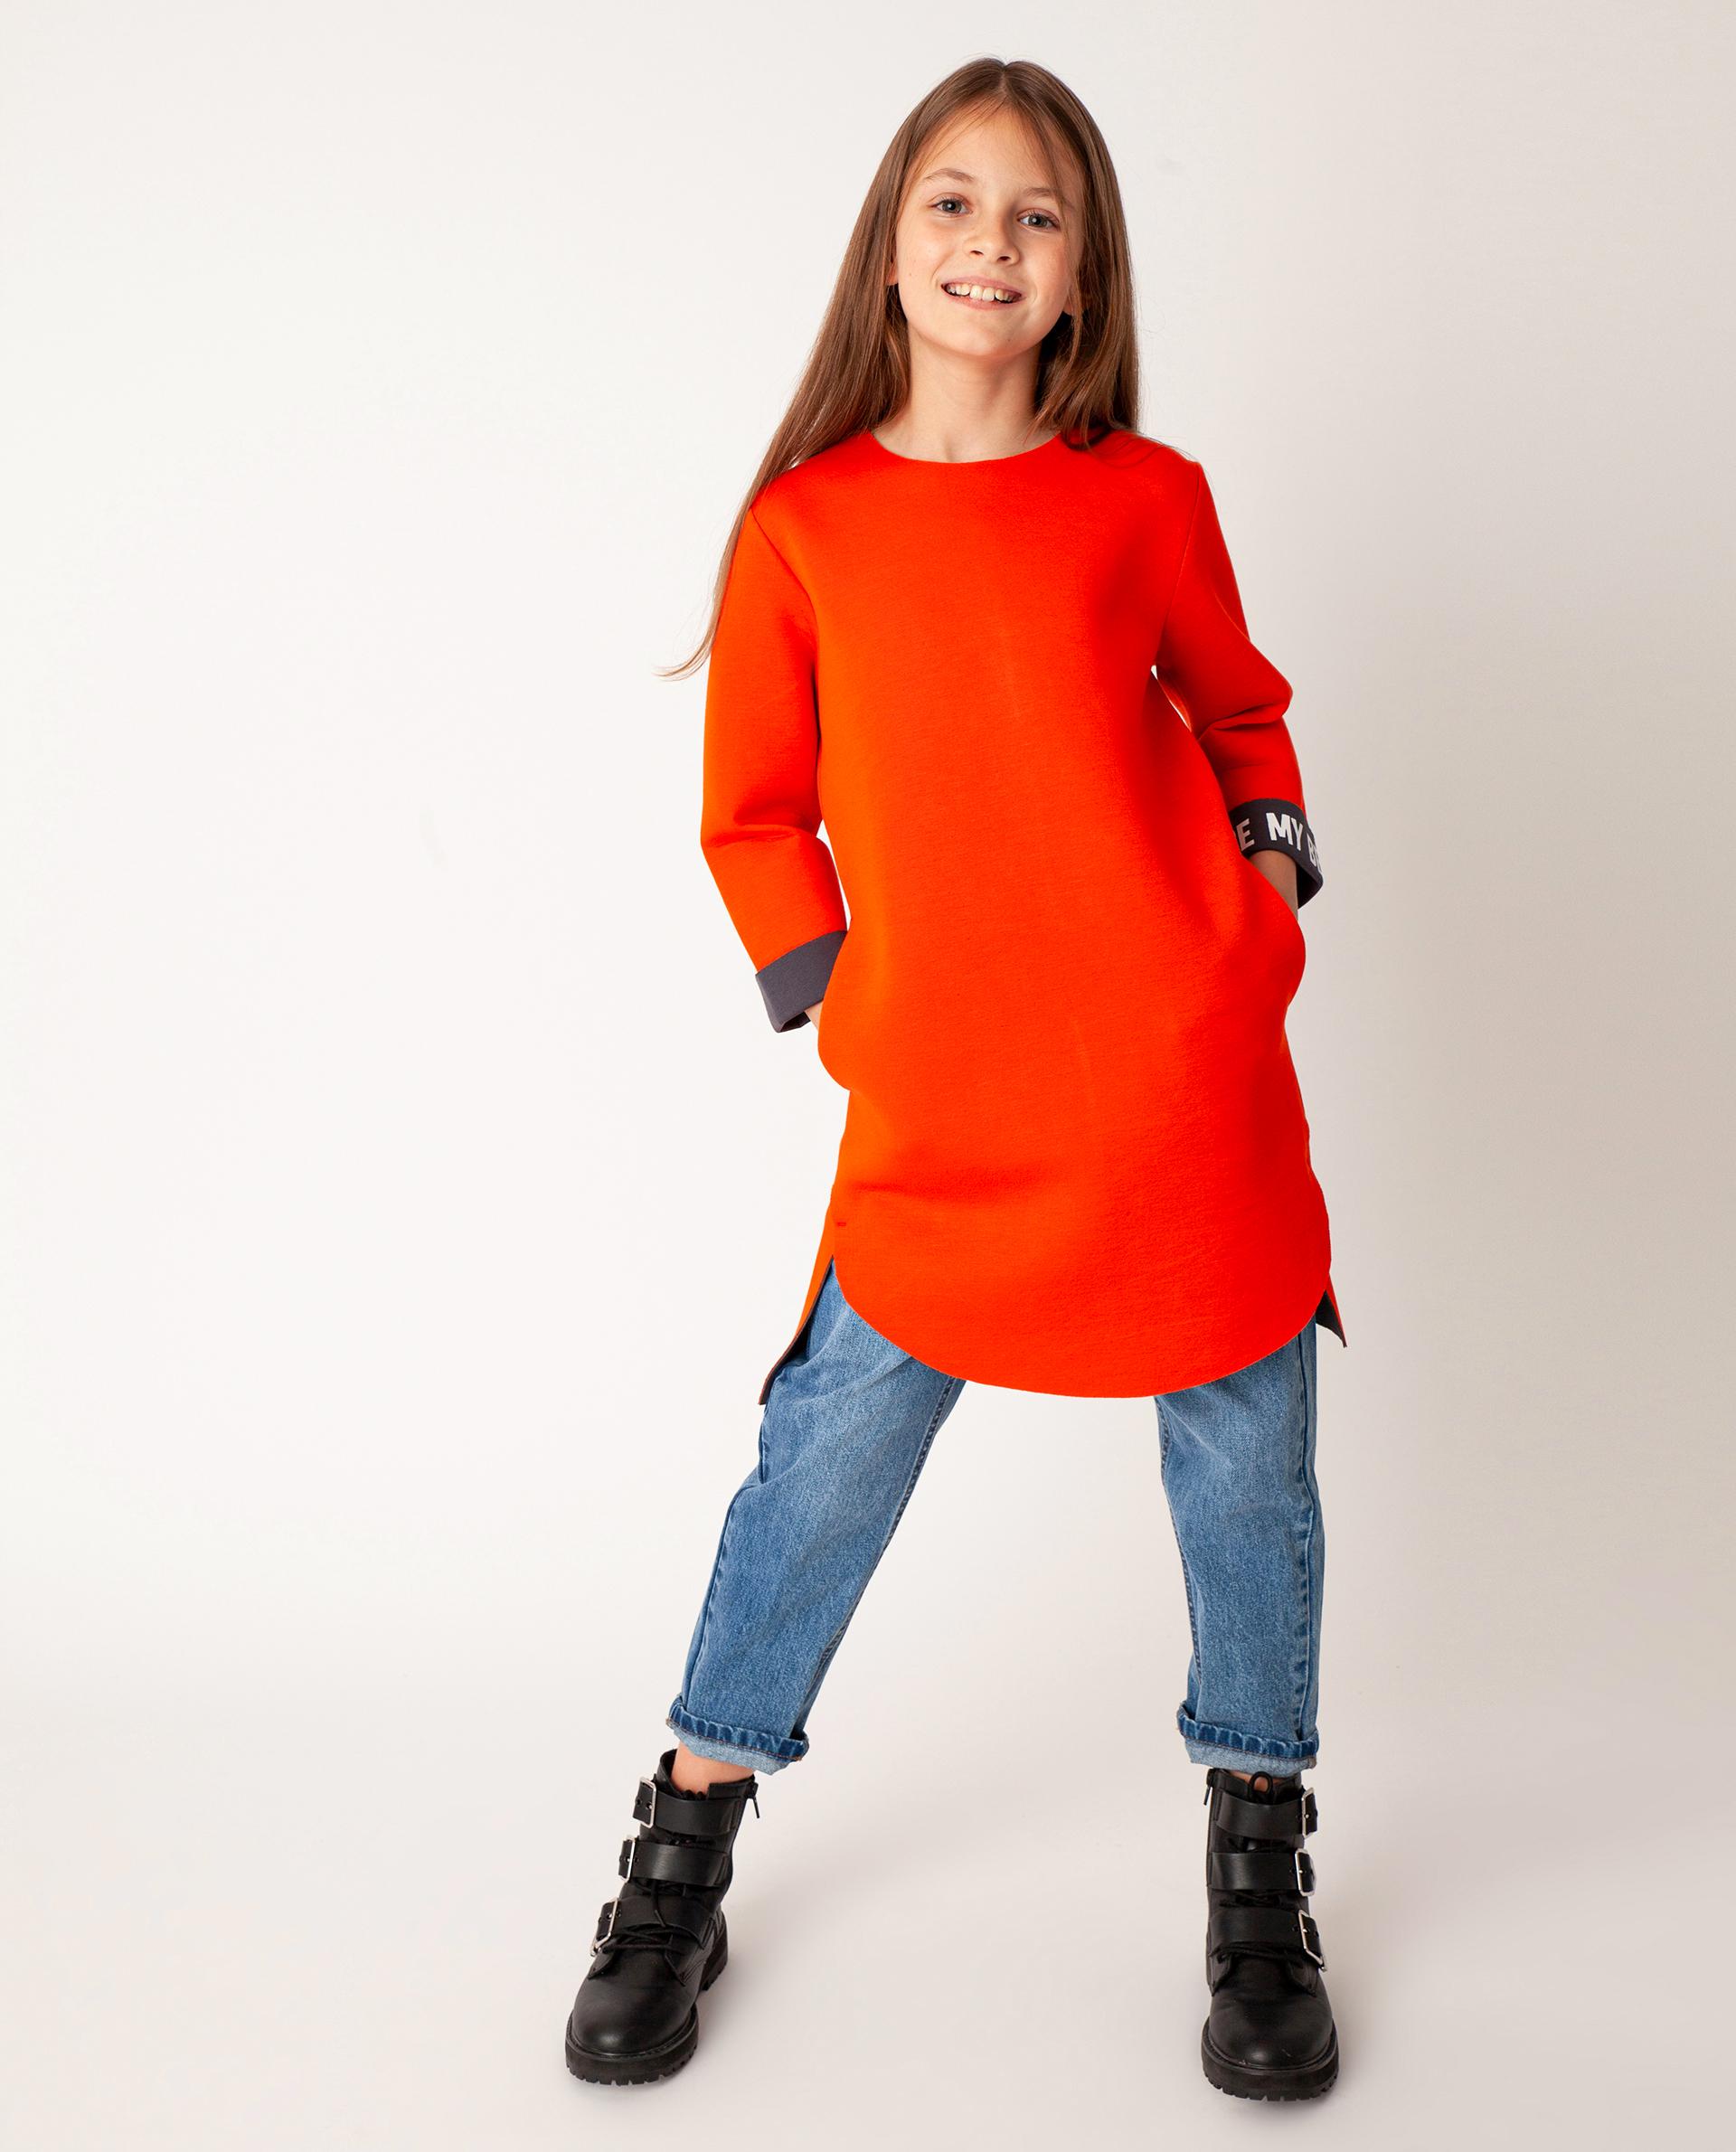 Купить 22008GJC5006, Оранжевое платье Gulliver, оранжевый, 146, Неопрен, Женский, Демисезон, ОСЕНЬ/ЗИМА 2020-2021 (shop: GulliverMarket Gulliver Market)